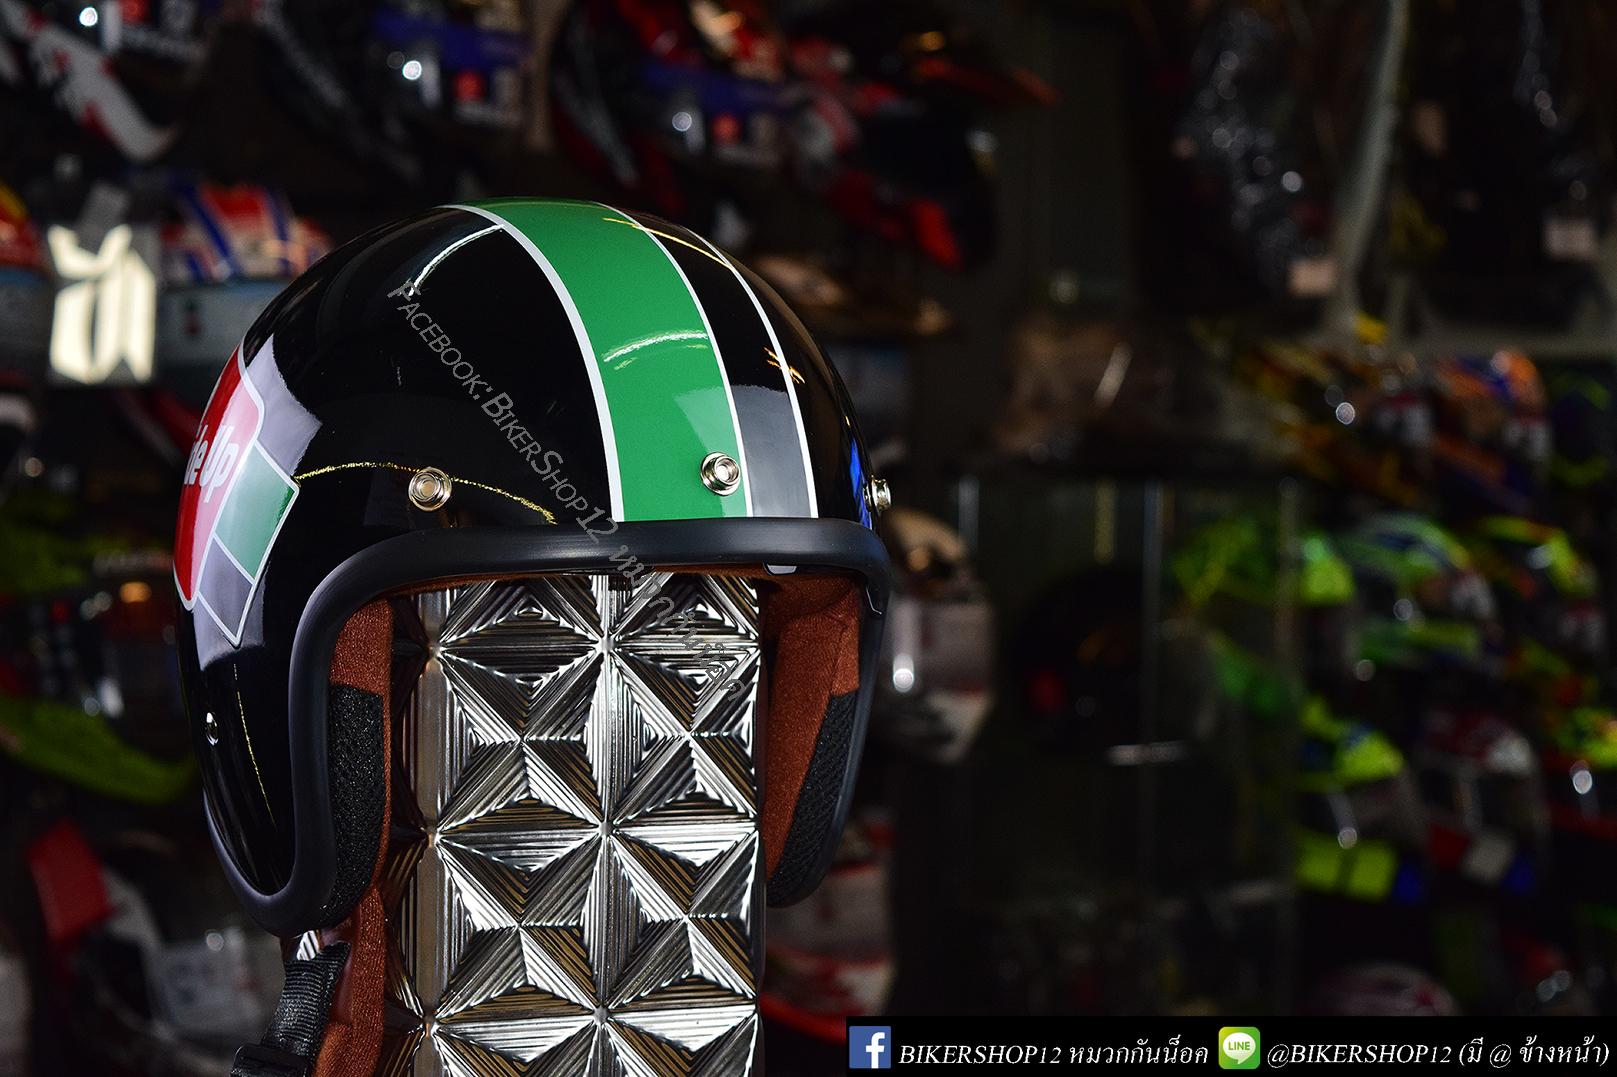 หมวกกันน็อคคลาสสิก 5เป๊ก (มีแว่น) สี Ride Up ดำ